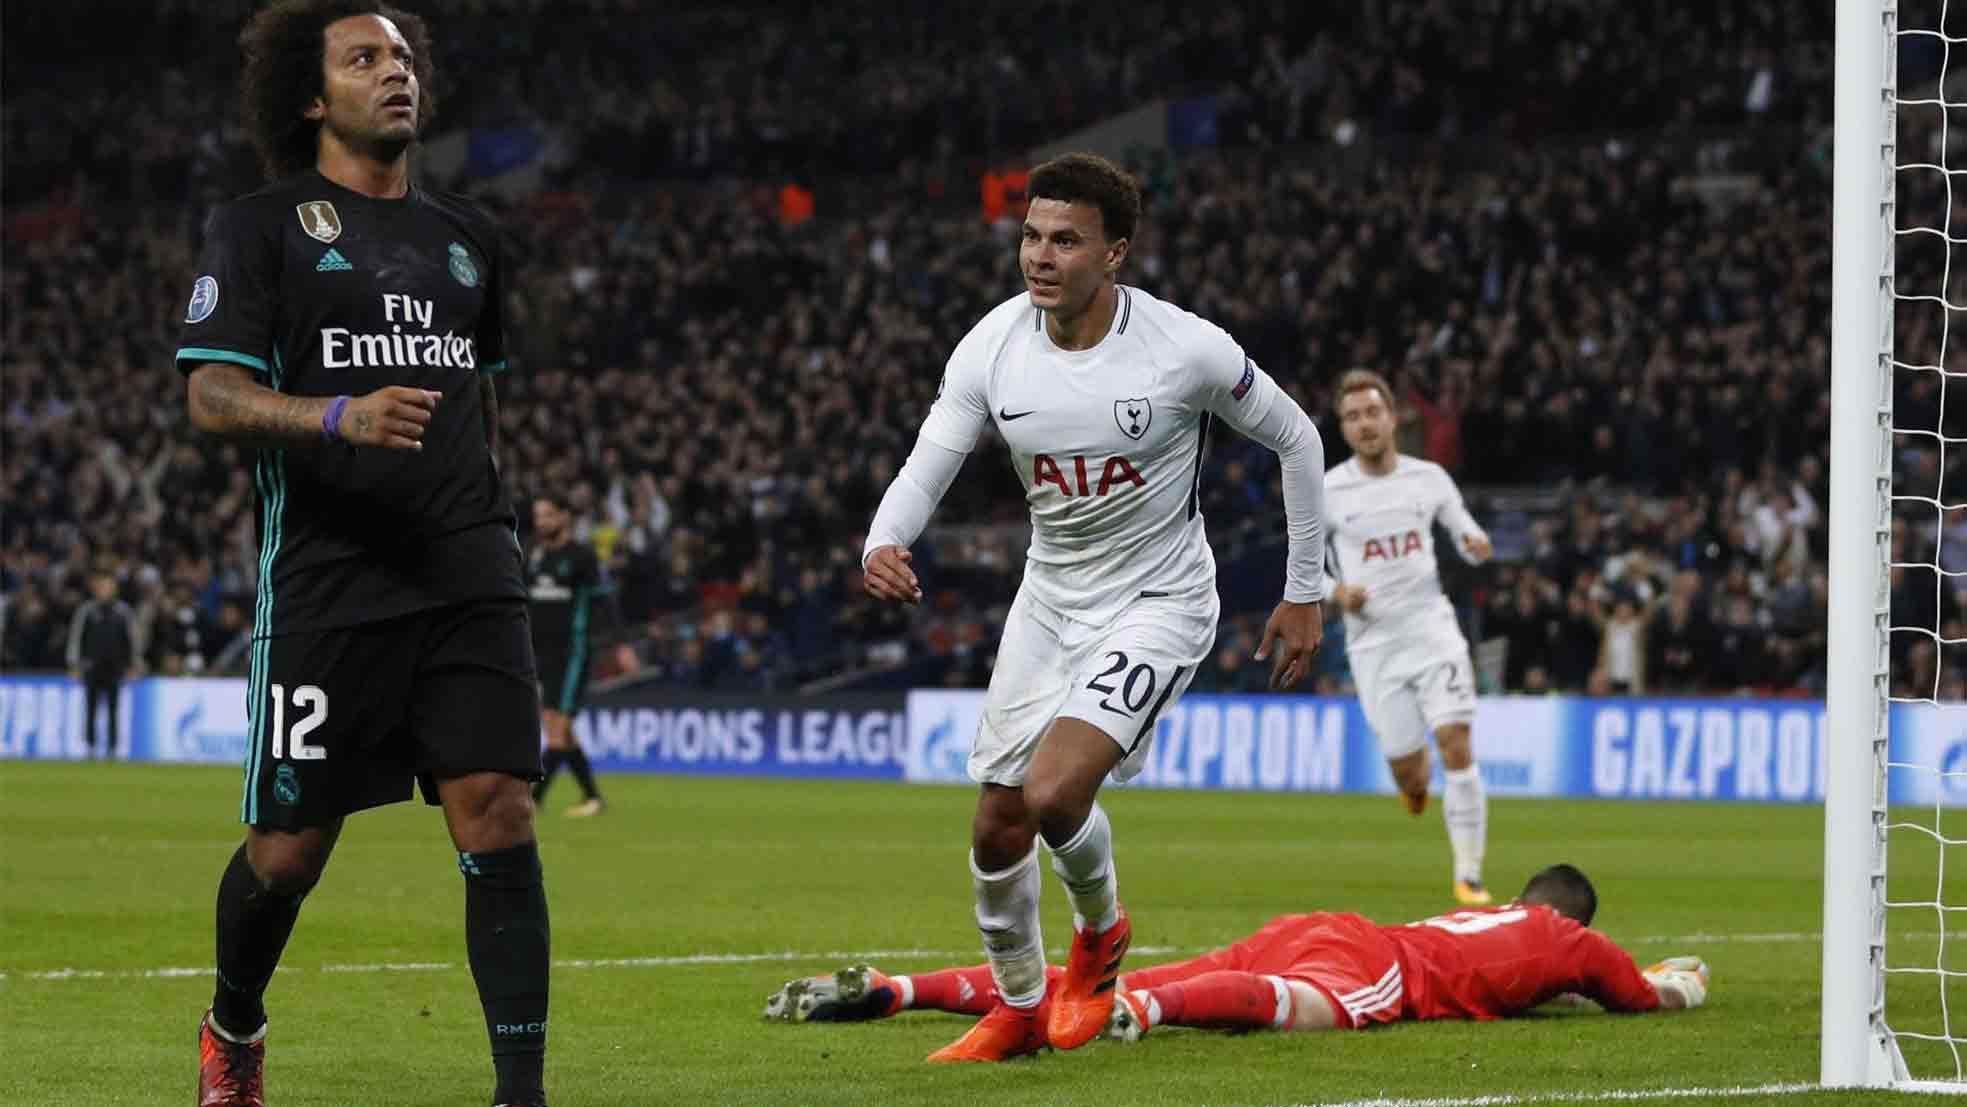 El Madrid cae con estrépito en Londres y el Atletico tiene pie y medio en la Europa League. El sevilla gana en casa y el Barça empata en Atenas